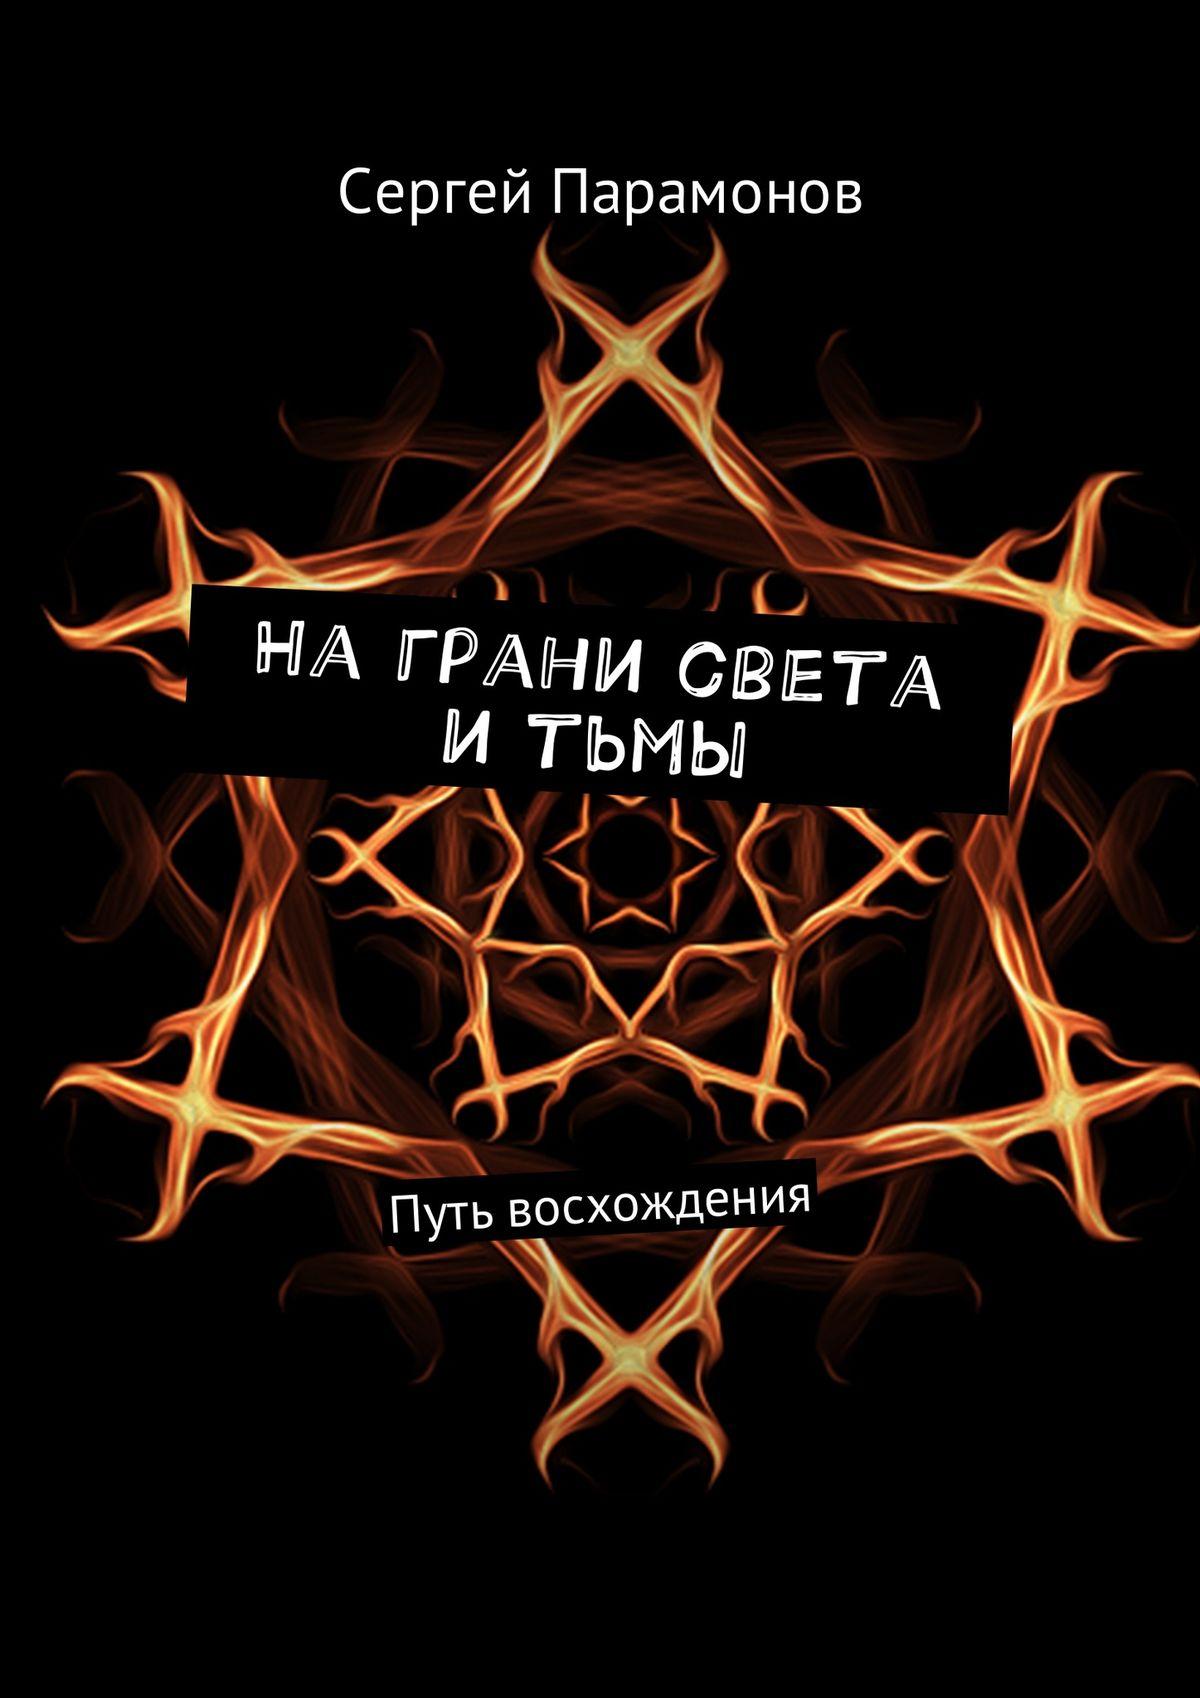 цена на Сергей Парамонов Награни света итьмы. Путь восхождения